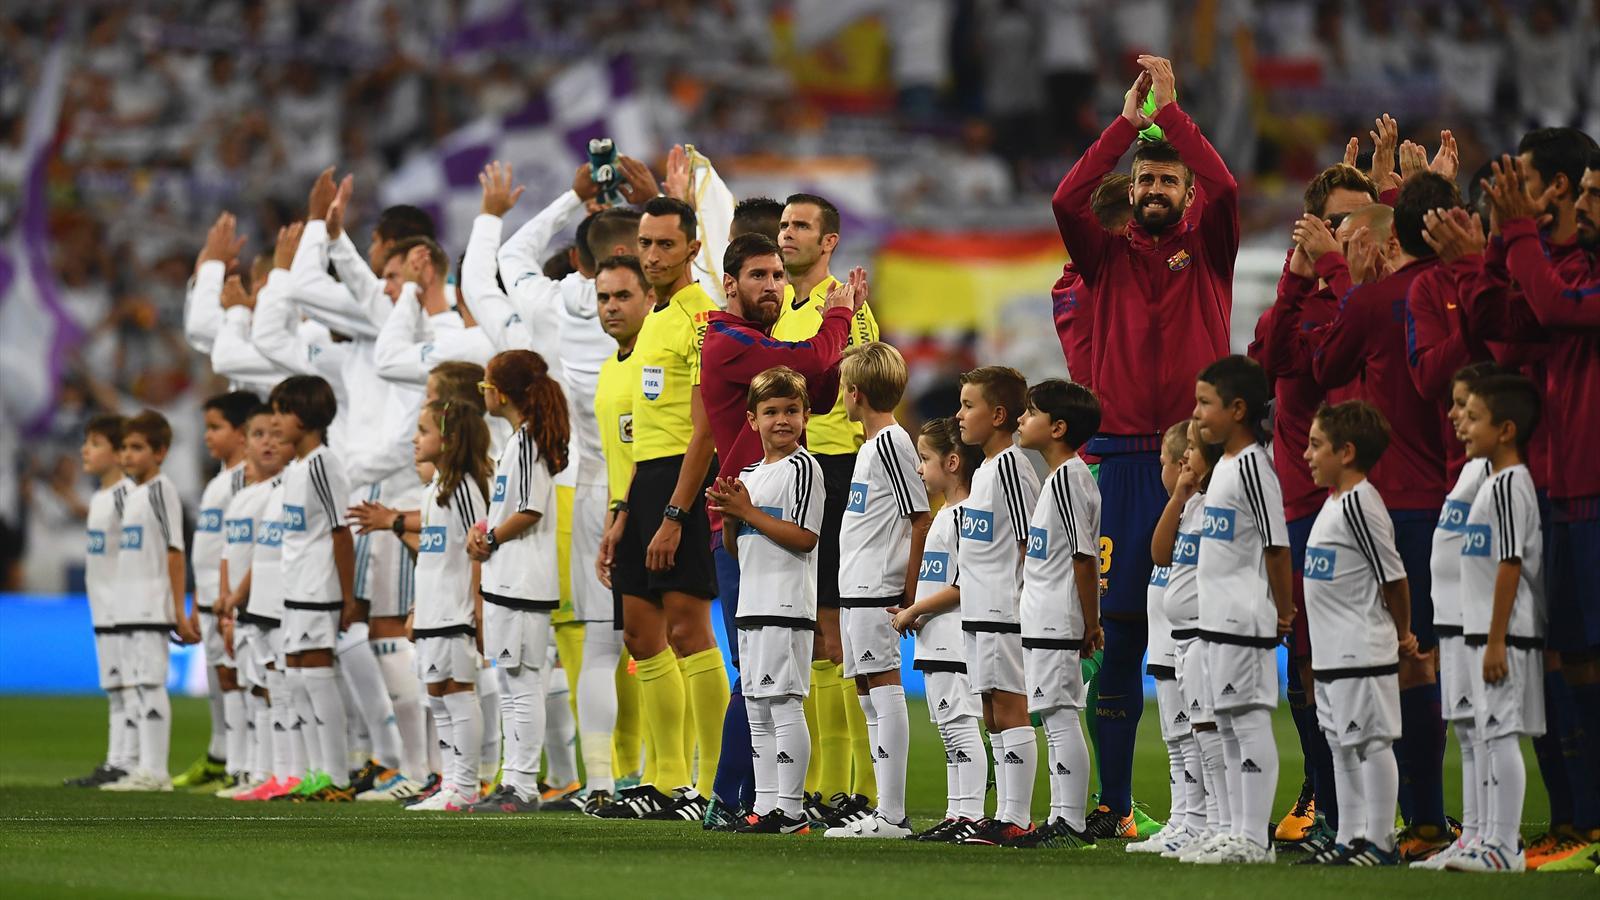 Канал футбол 1 в прямом эфире Wallpaper: Первый канал покажет Класико «Реал»